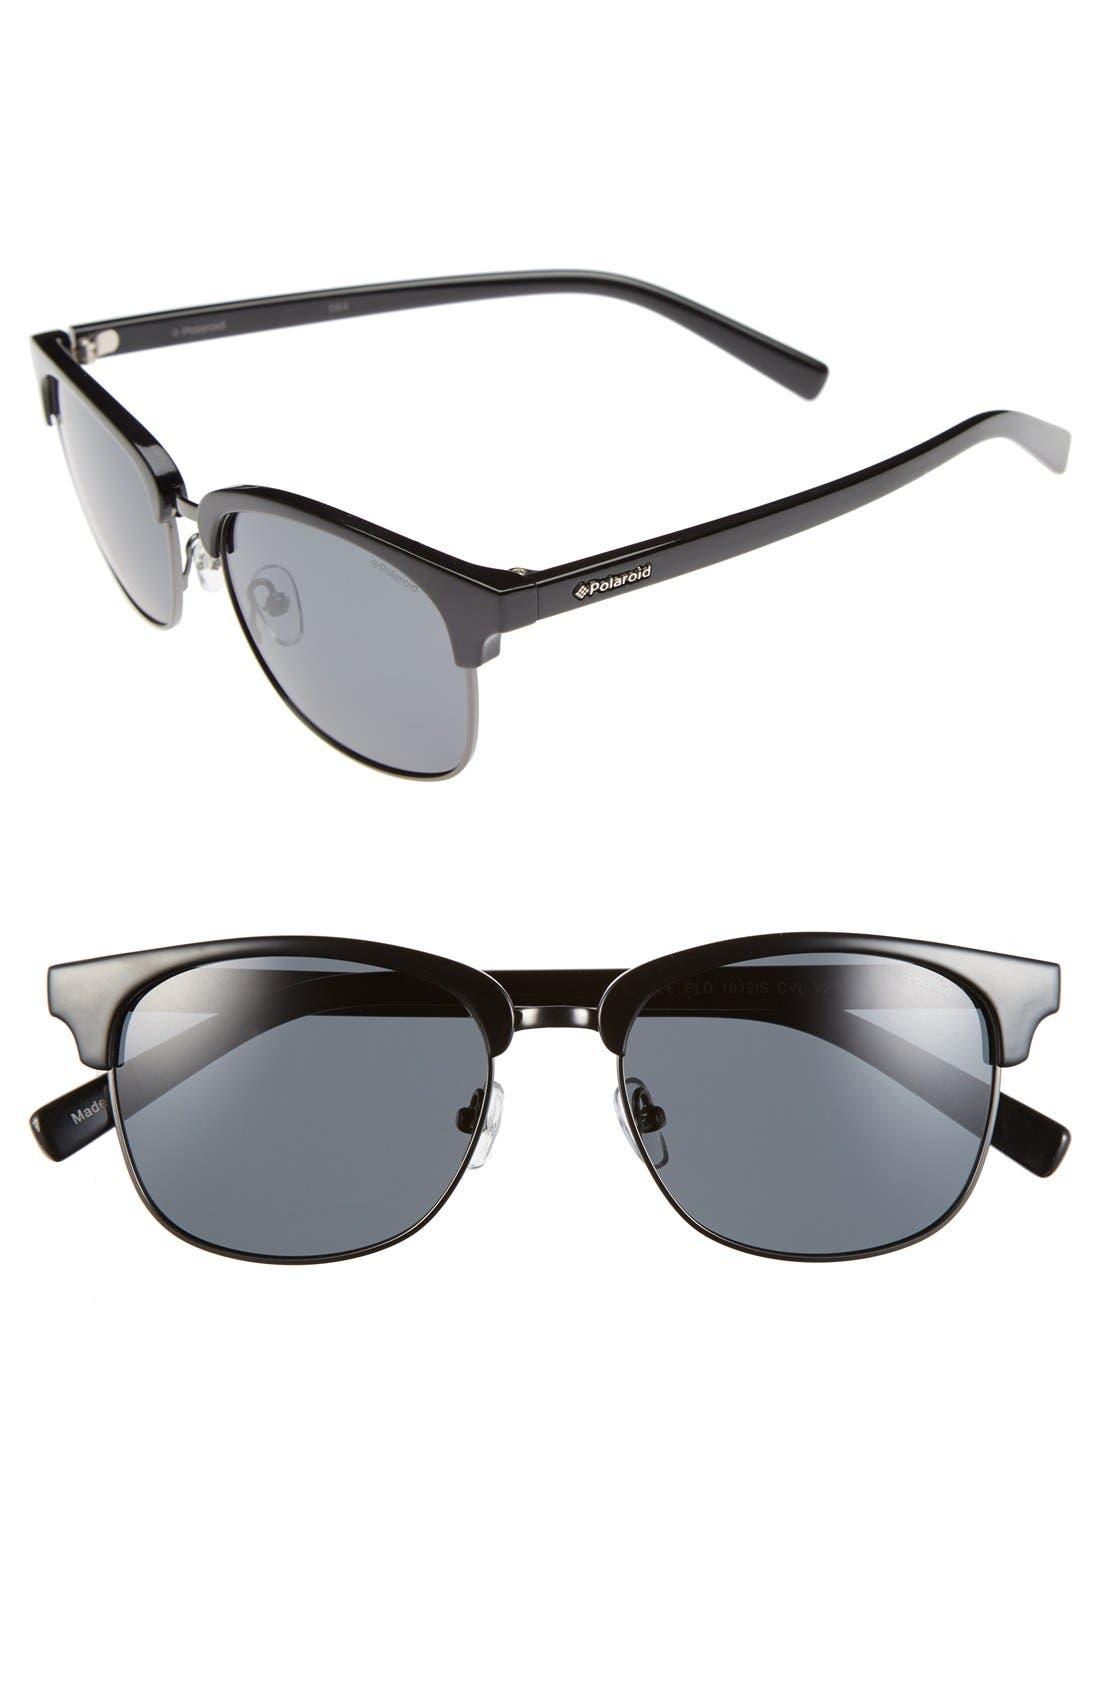 55mm Polarized Sunglasses,                         Main,                         color, Dark Ruthenium Black